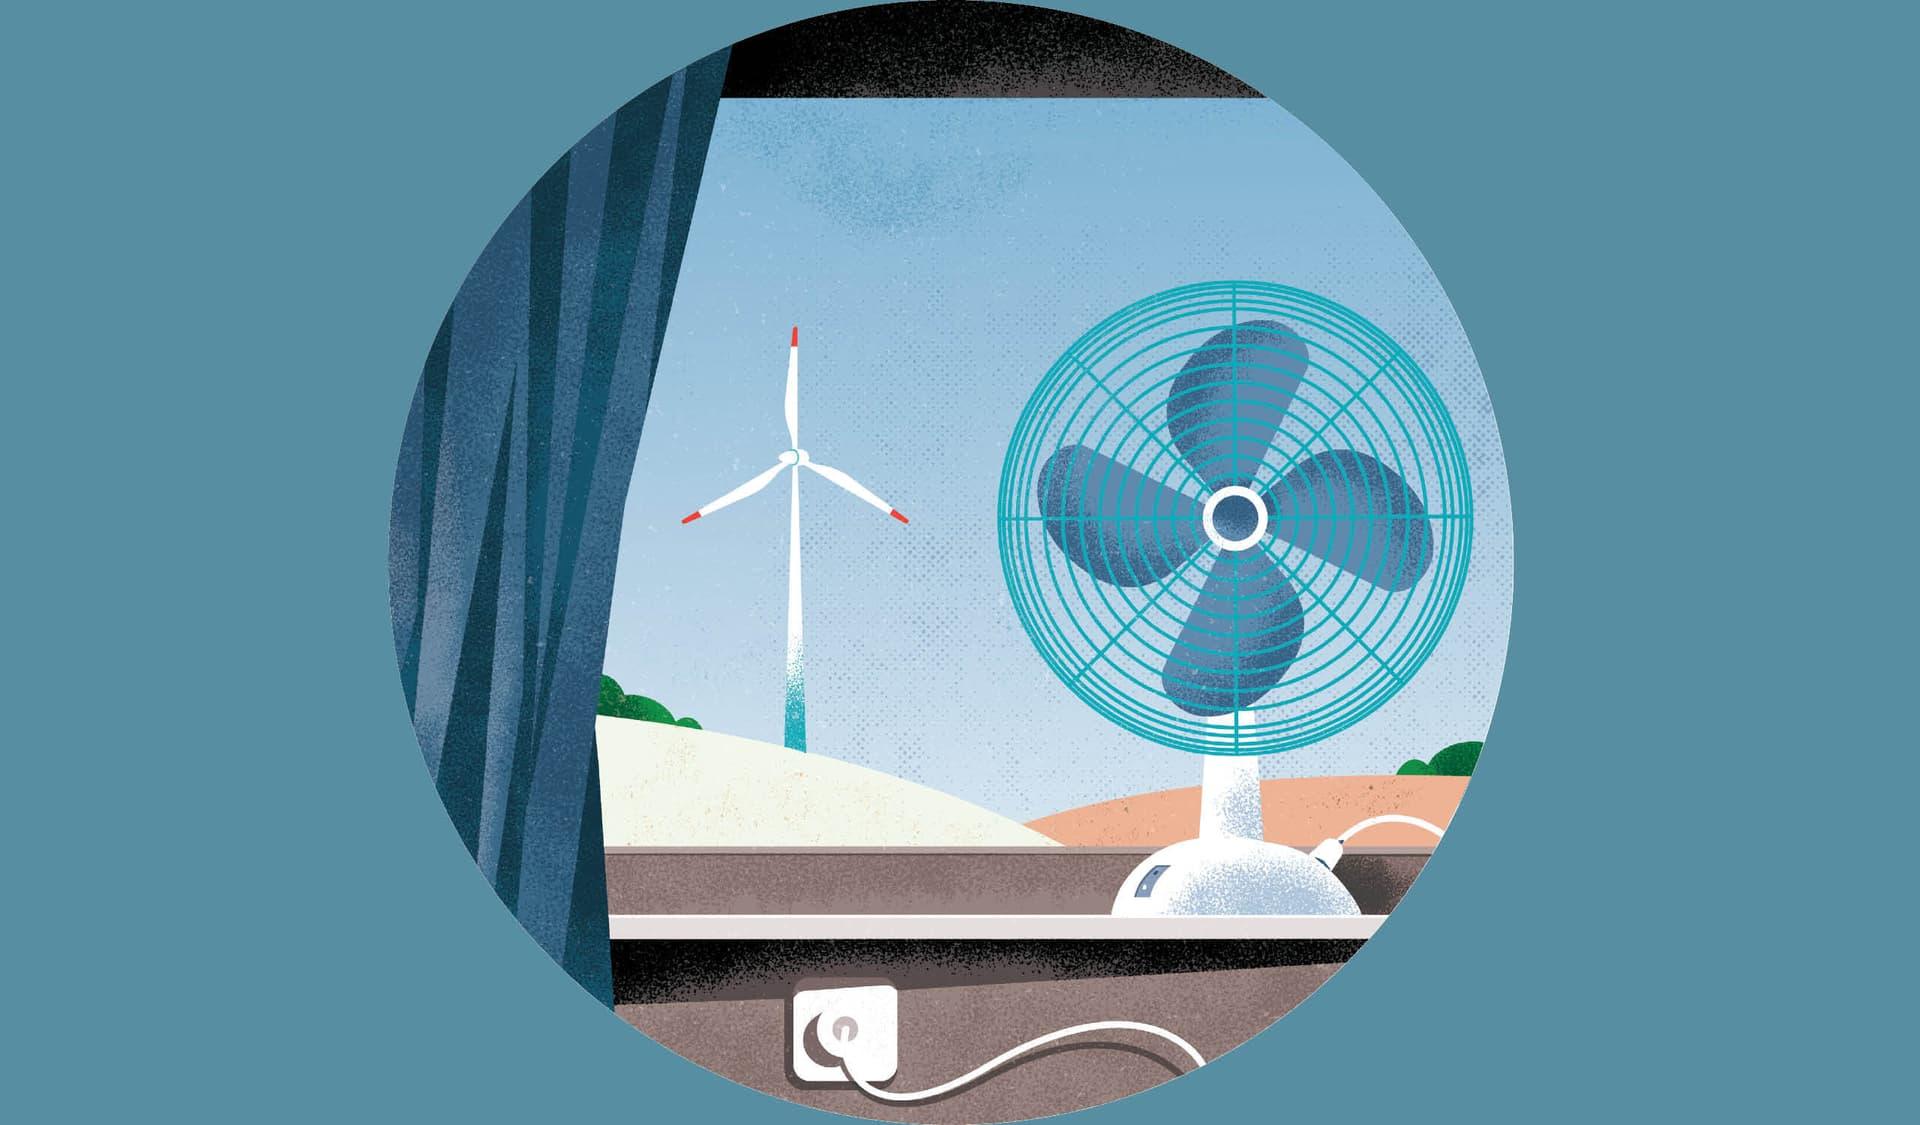 Illustration mit Blick aus dem Fenster an einem Ventilator vorbei auf ein Windrad.